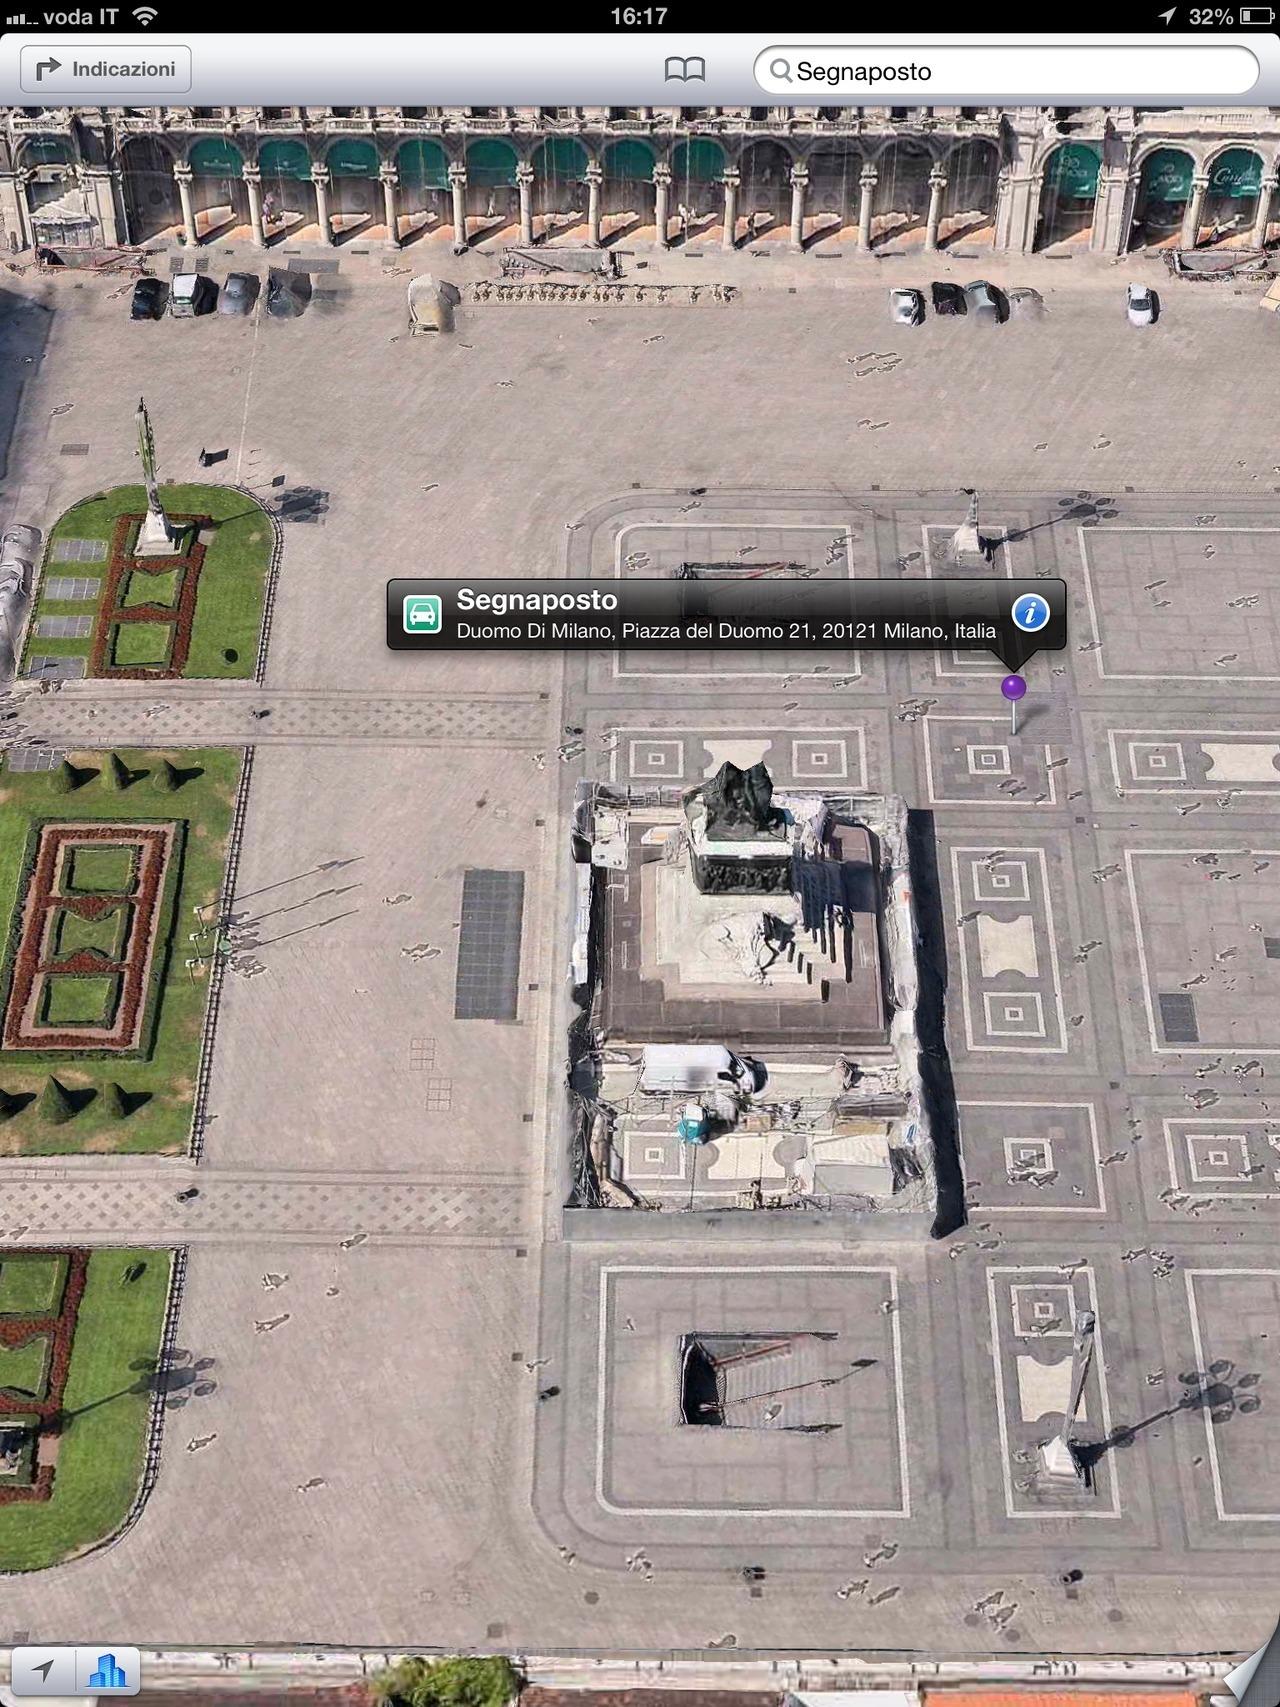 """""""Il Duomo di Milano"""" the most important square in Milan, italy,  was bombard ….."""